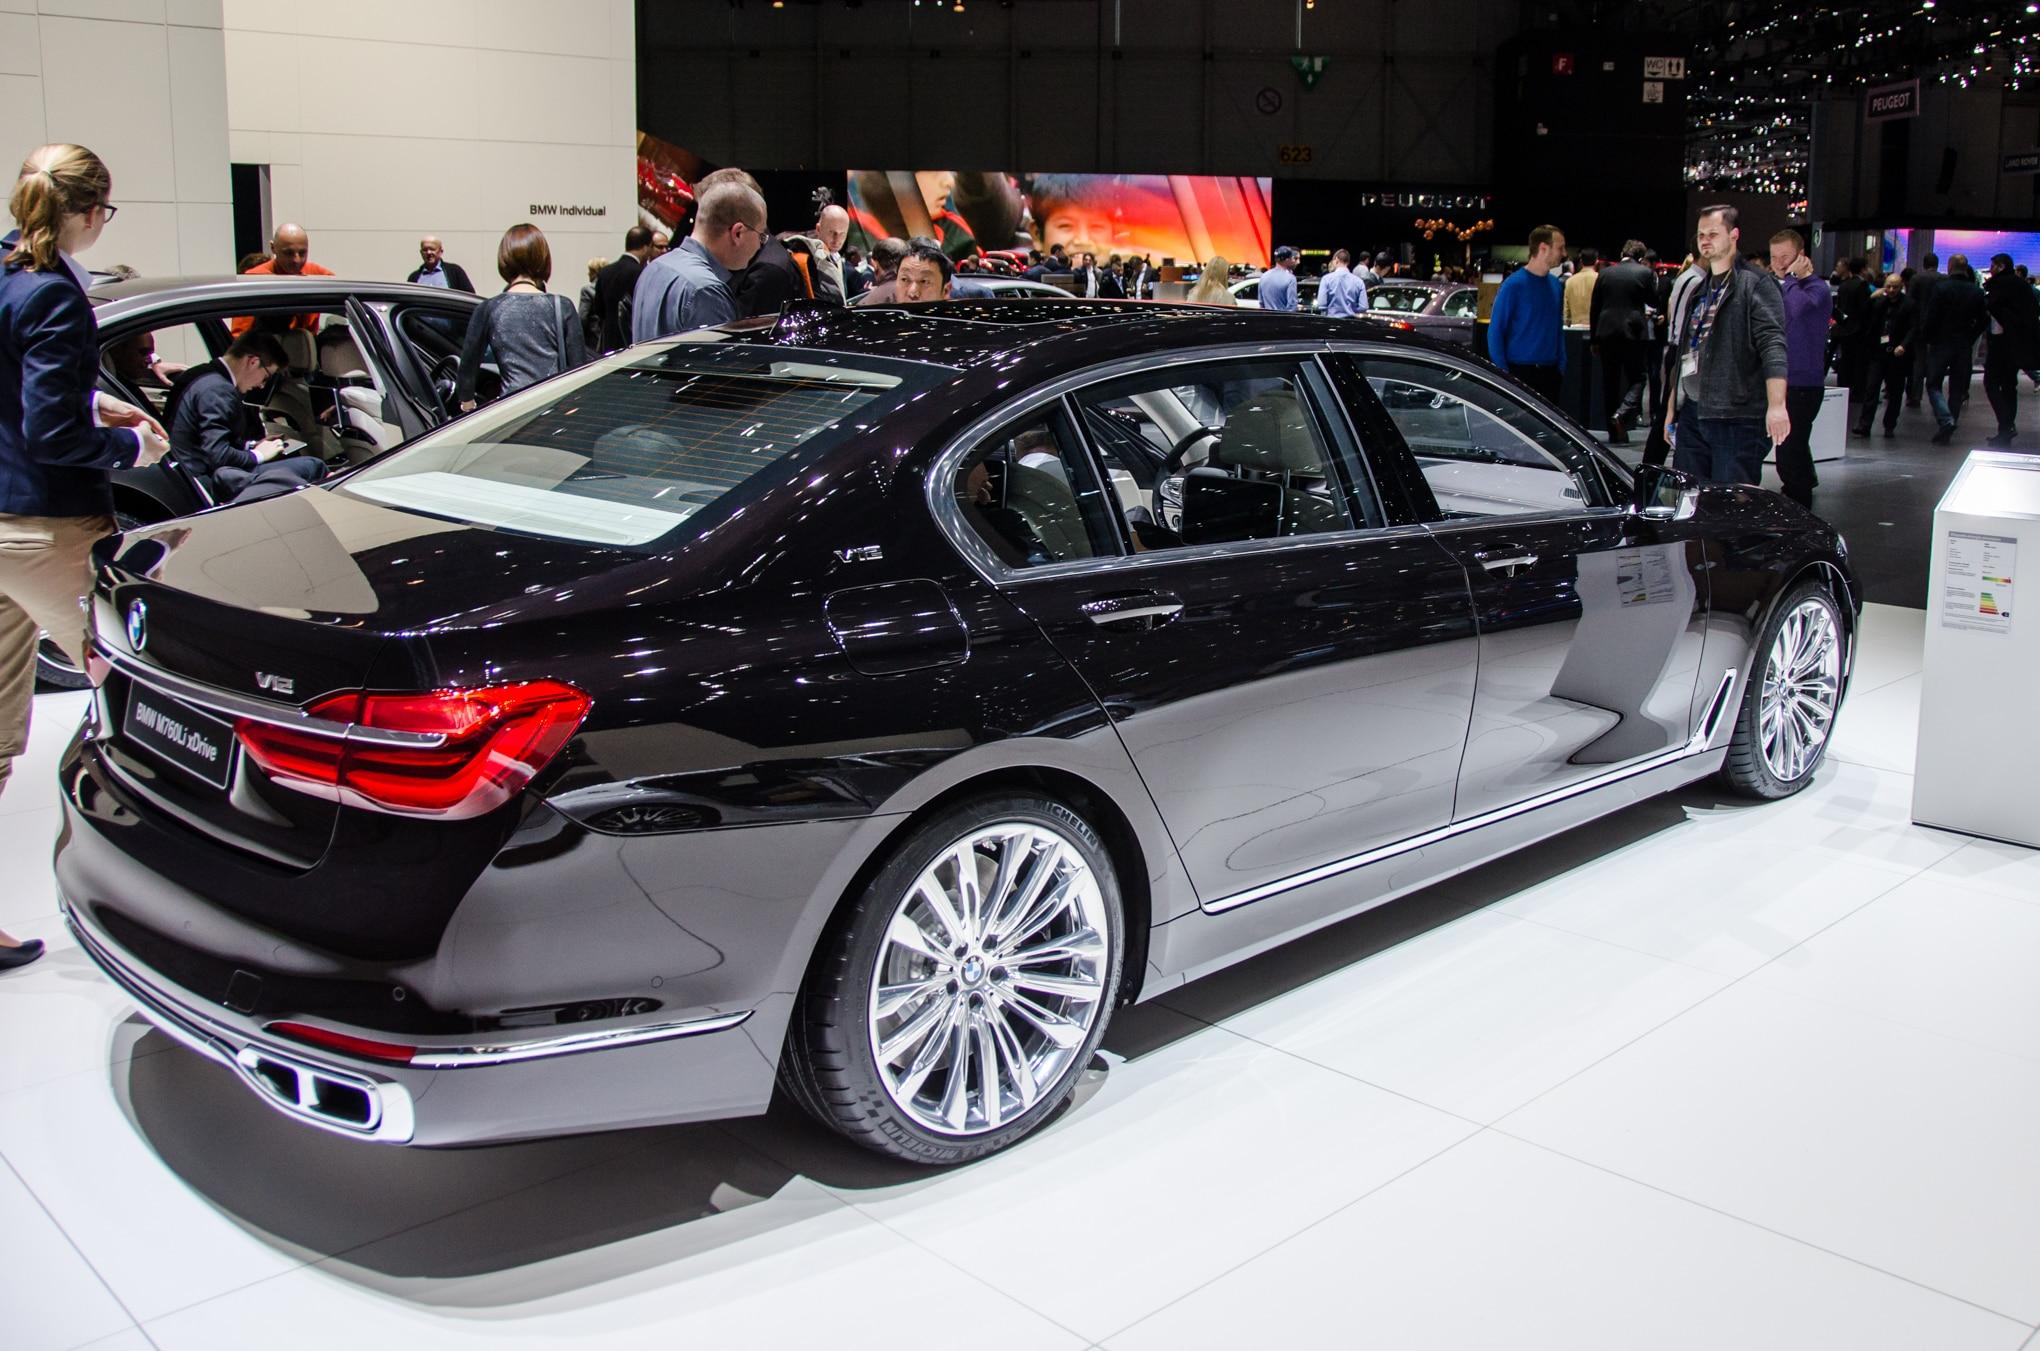 2017 BMW M760i xDrive is a 12 Cylinder High Performance Luxury Sedan